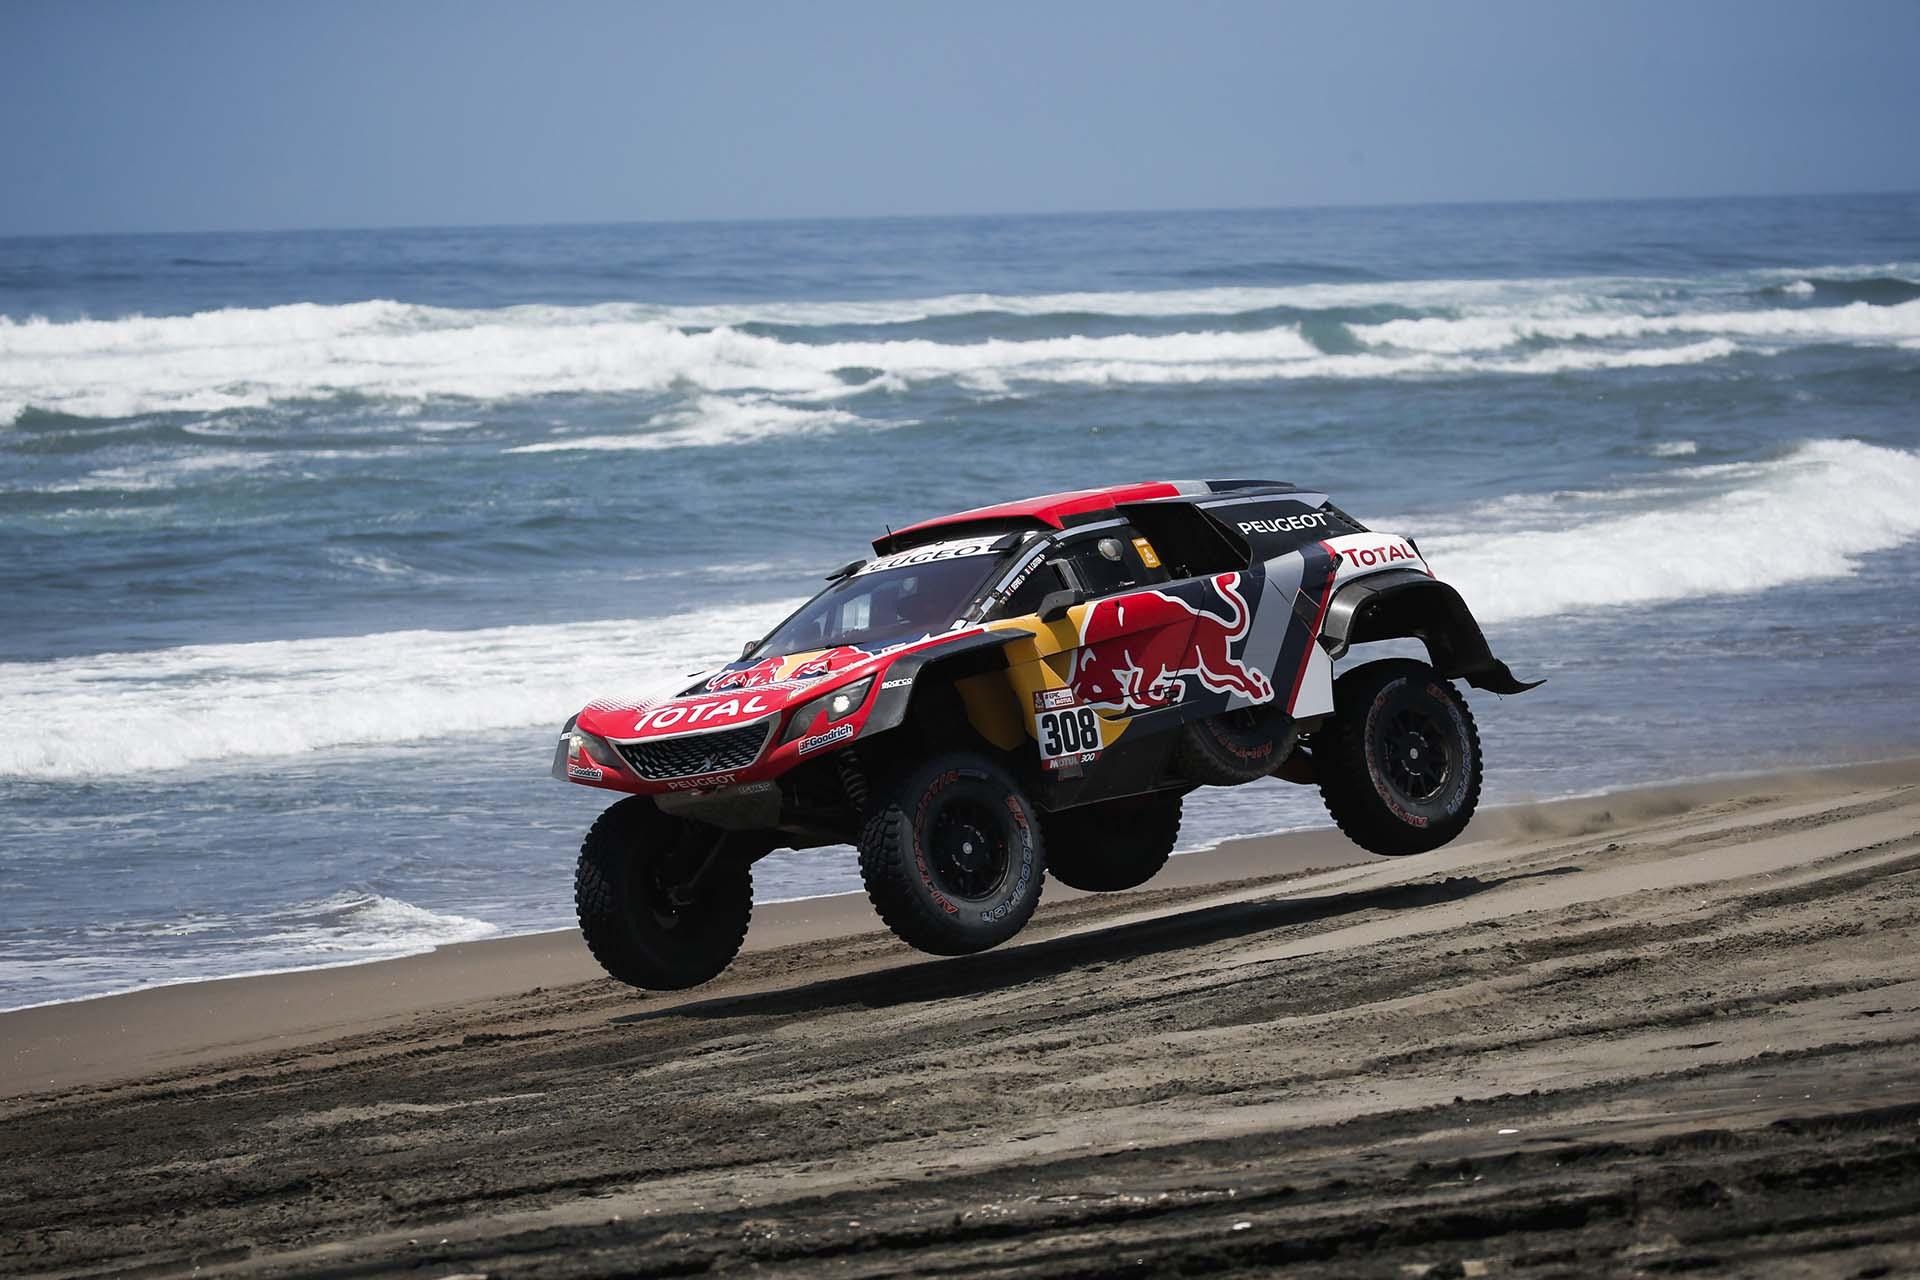 Los pilotos franceses de Peugeot Cyril Depres y David Zaster compiten durante la quinta etapa del Rally Dakar 2018